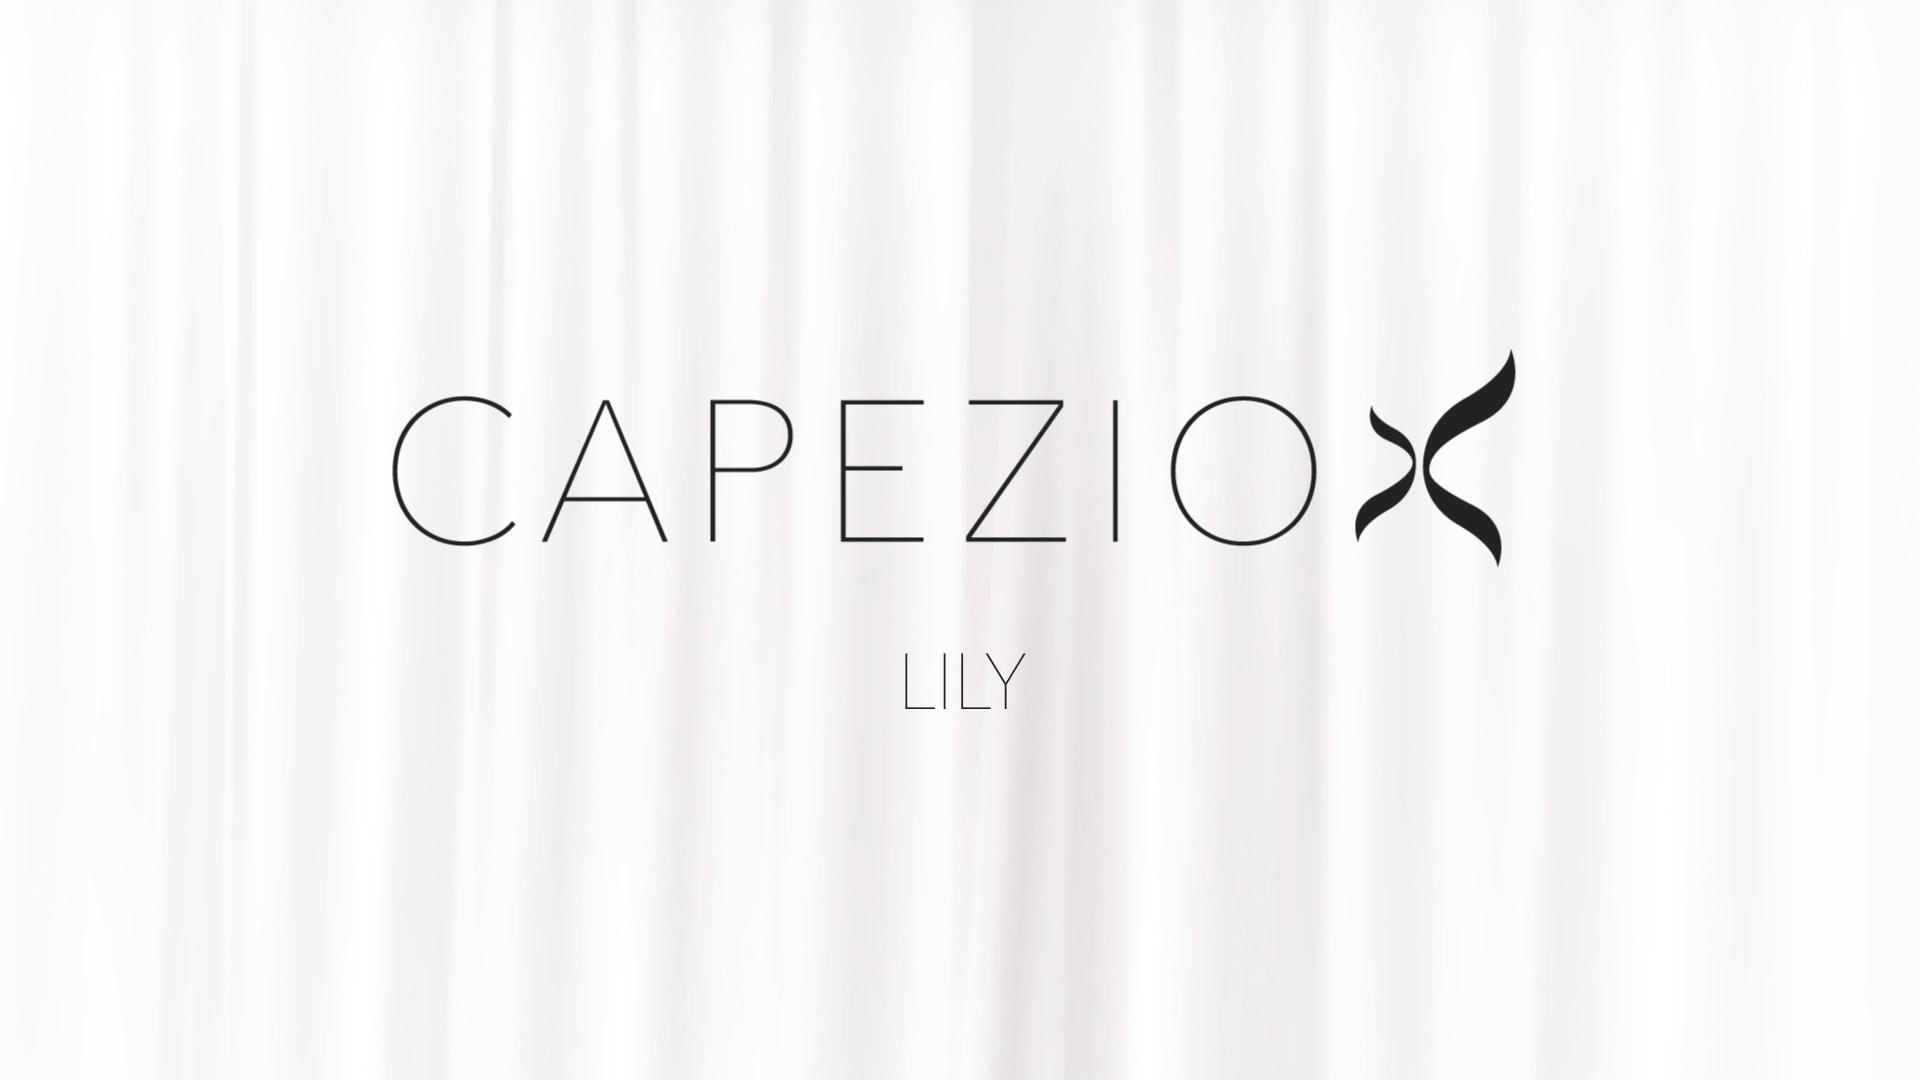 CAPEZIO - Lily